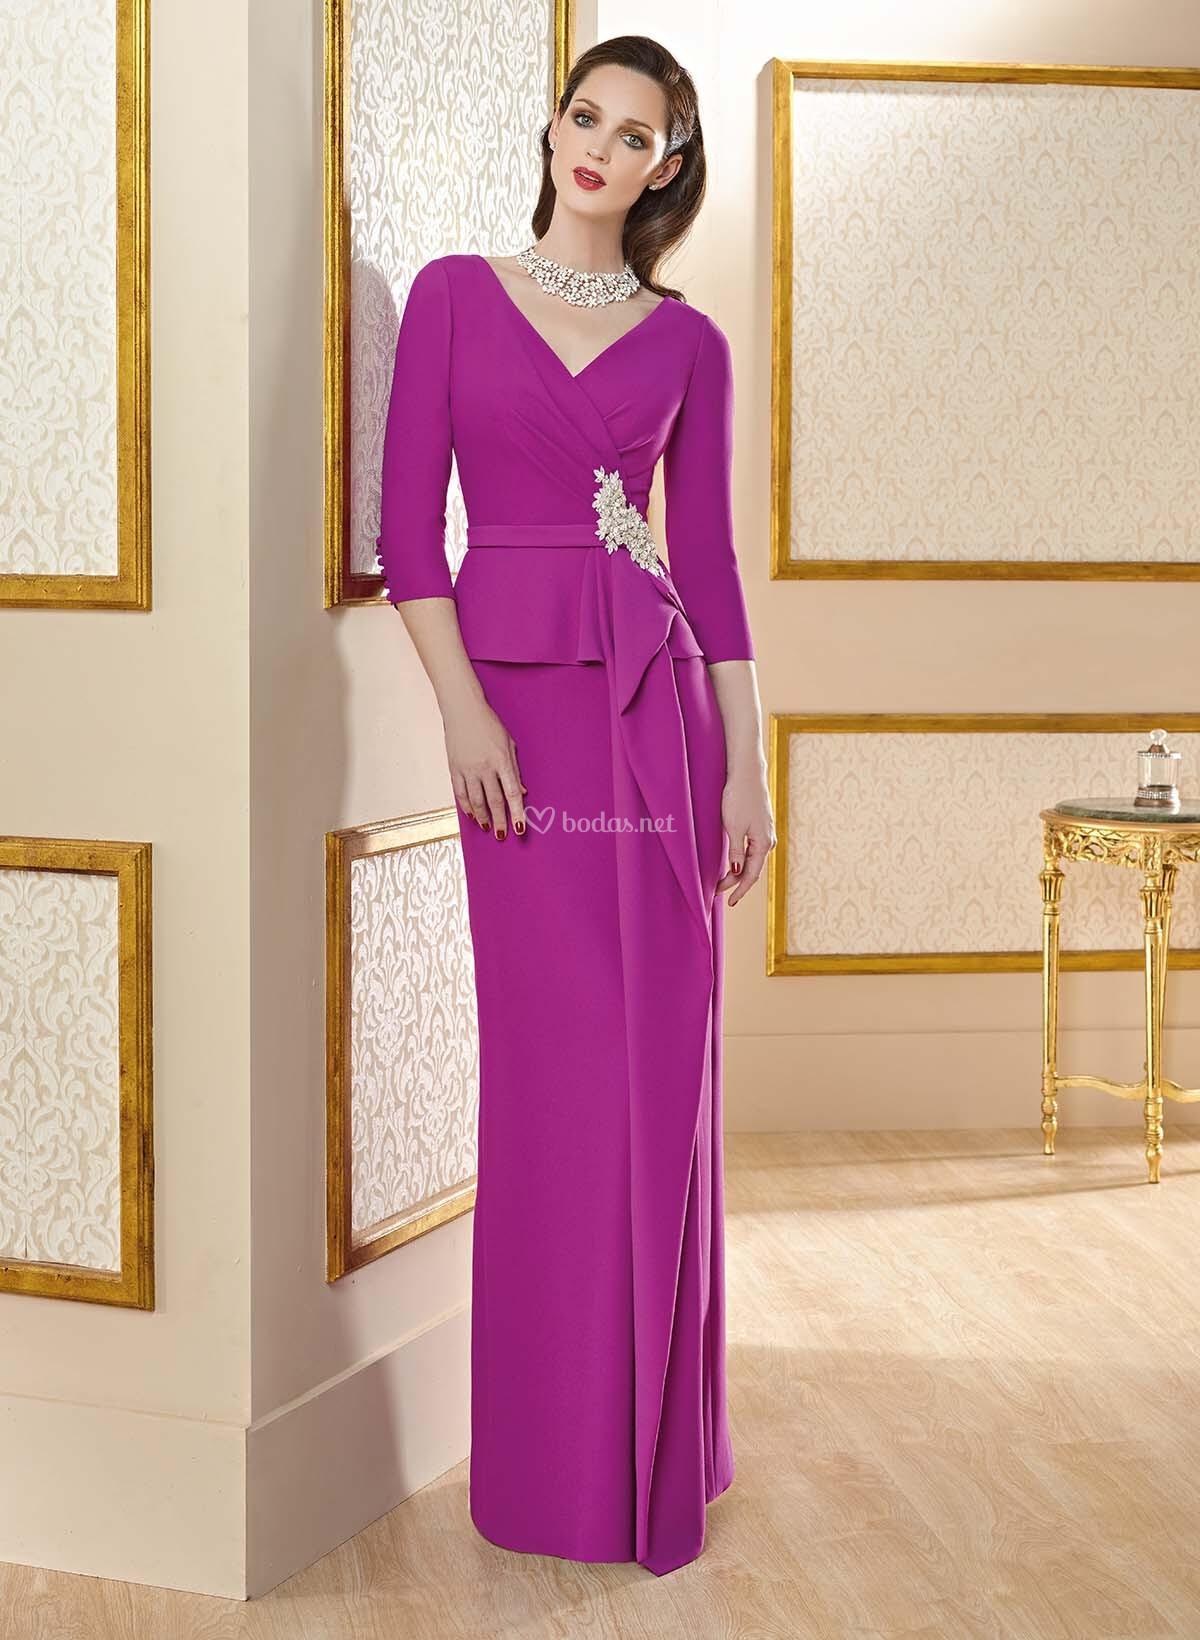 Encantador Nupcial Lista De Diseñadores Del Vestido Friso - Vestido ...